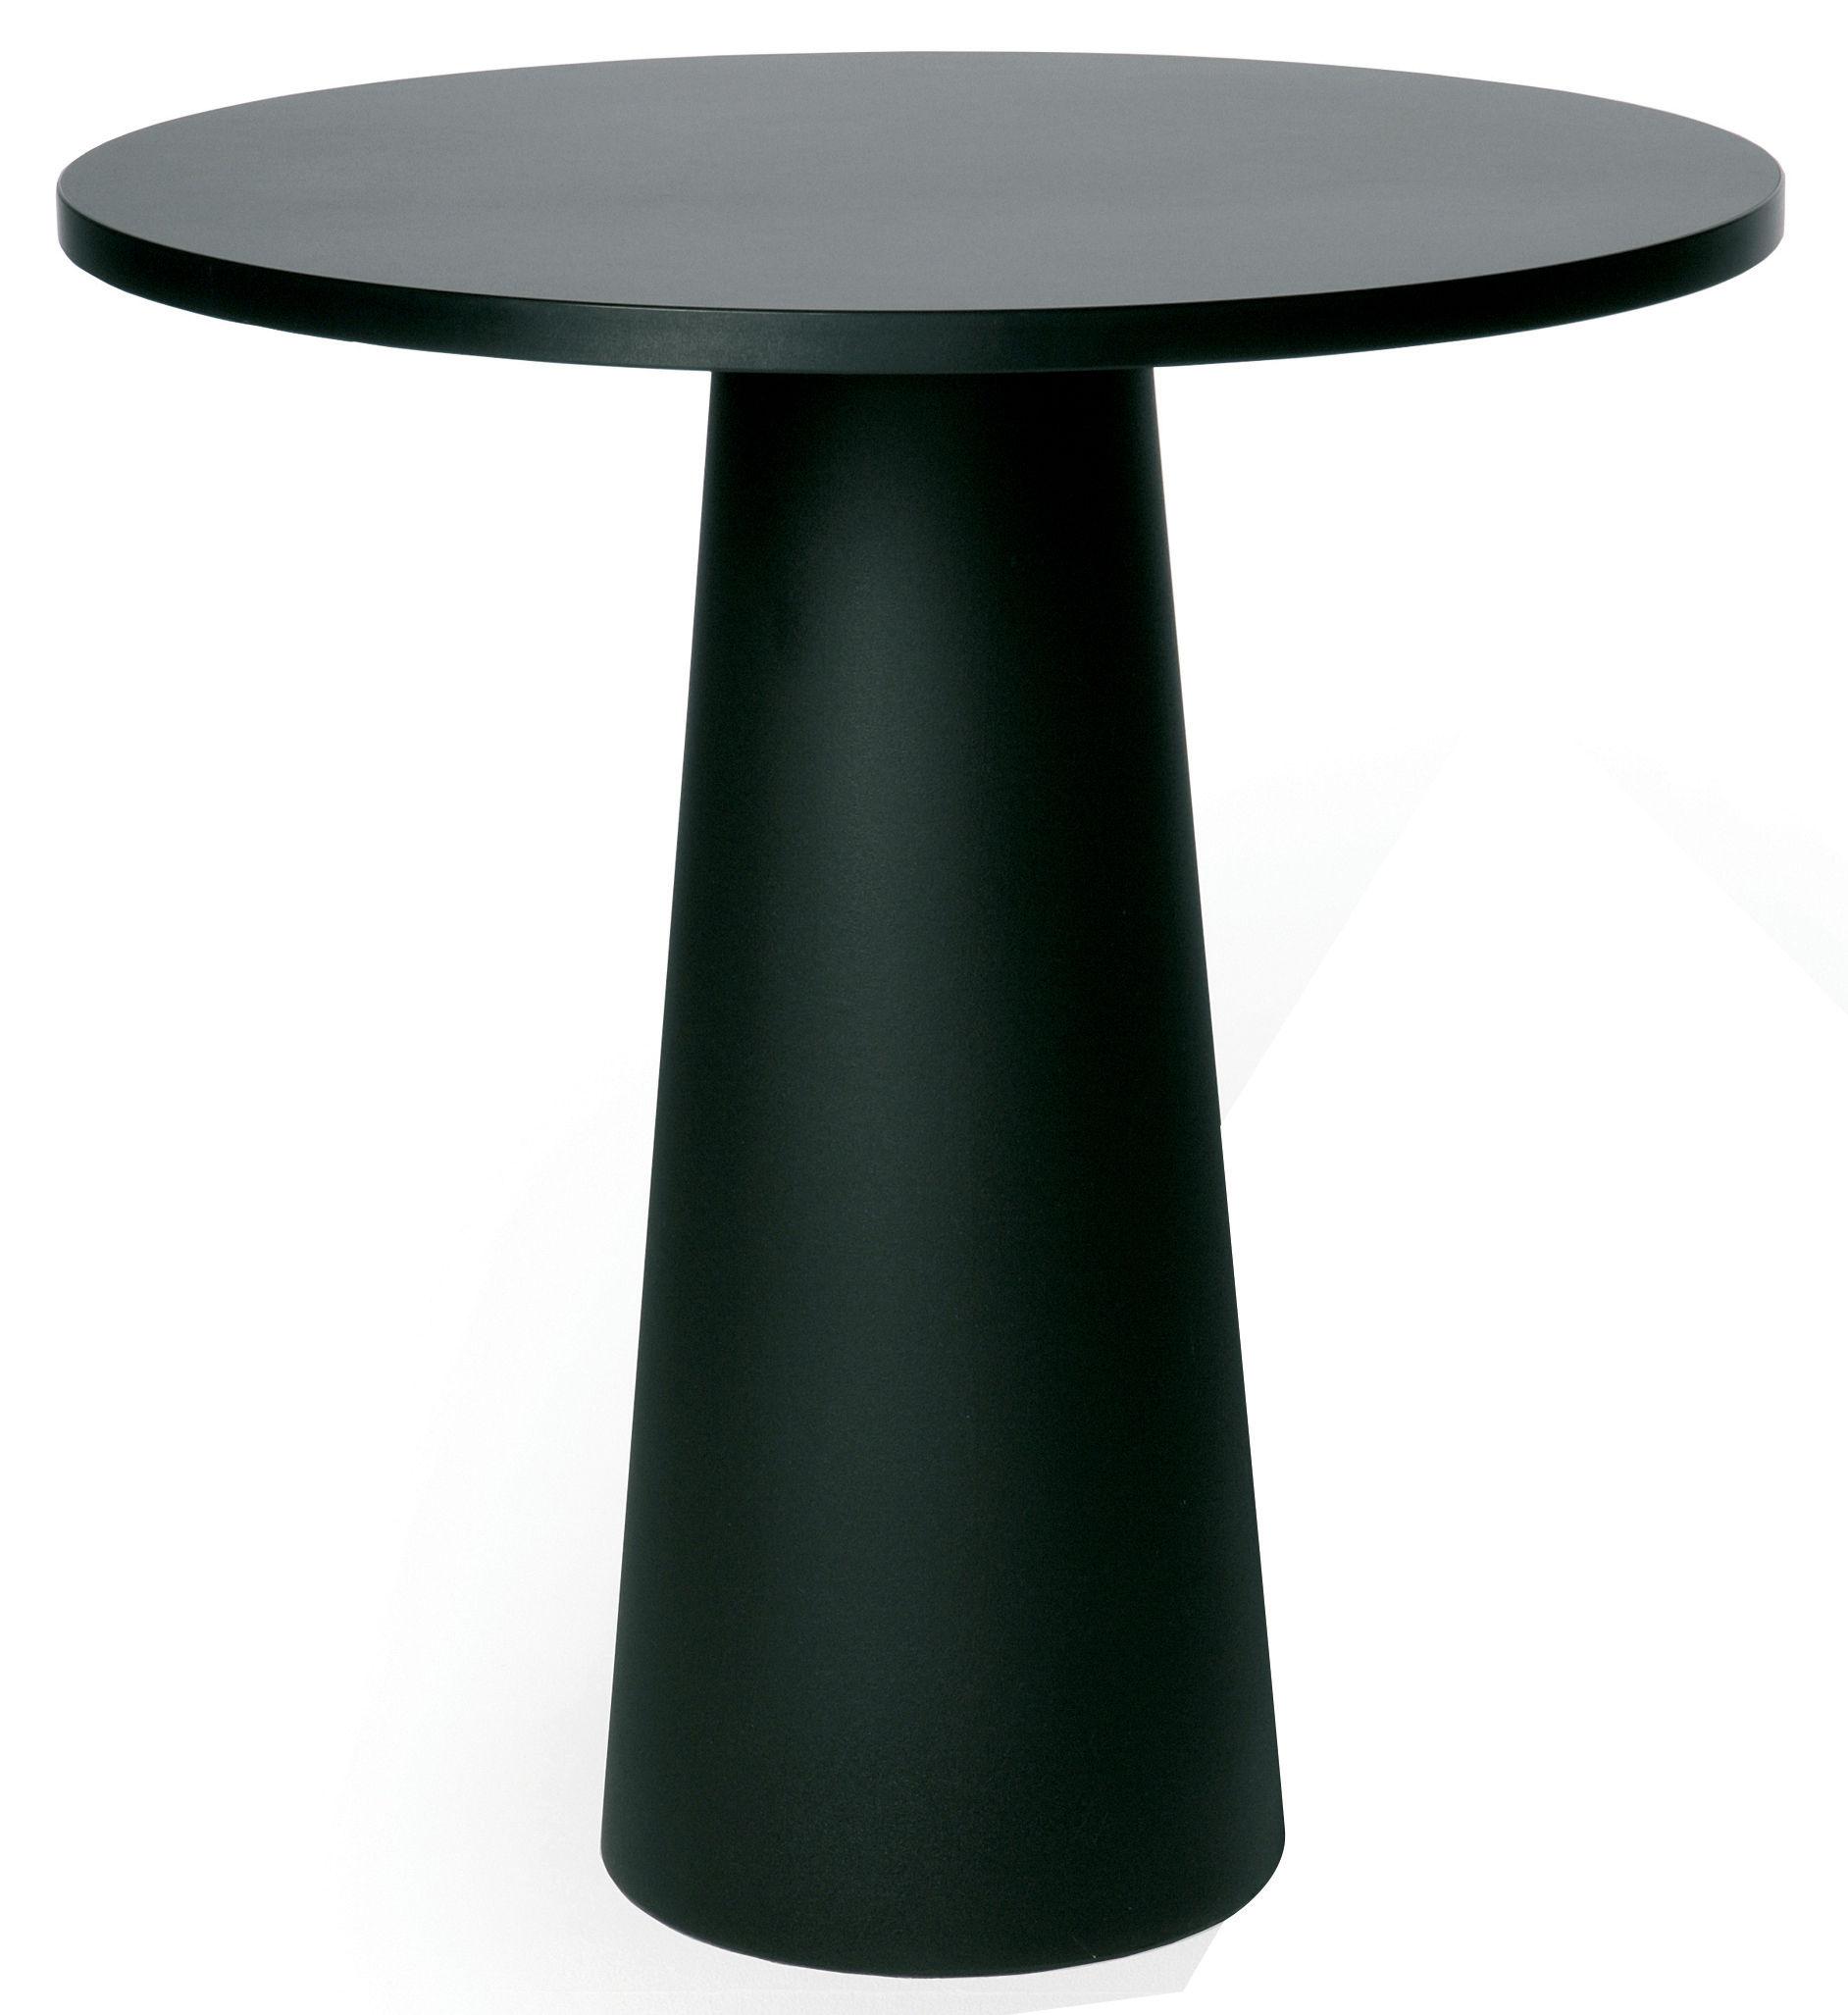 Pied de table container h 70 cm pour plateau 70 cm - Pied de table conique bois ...